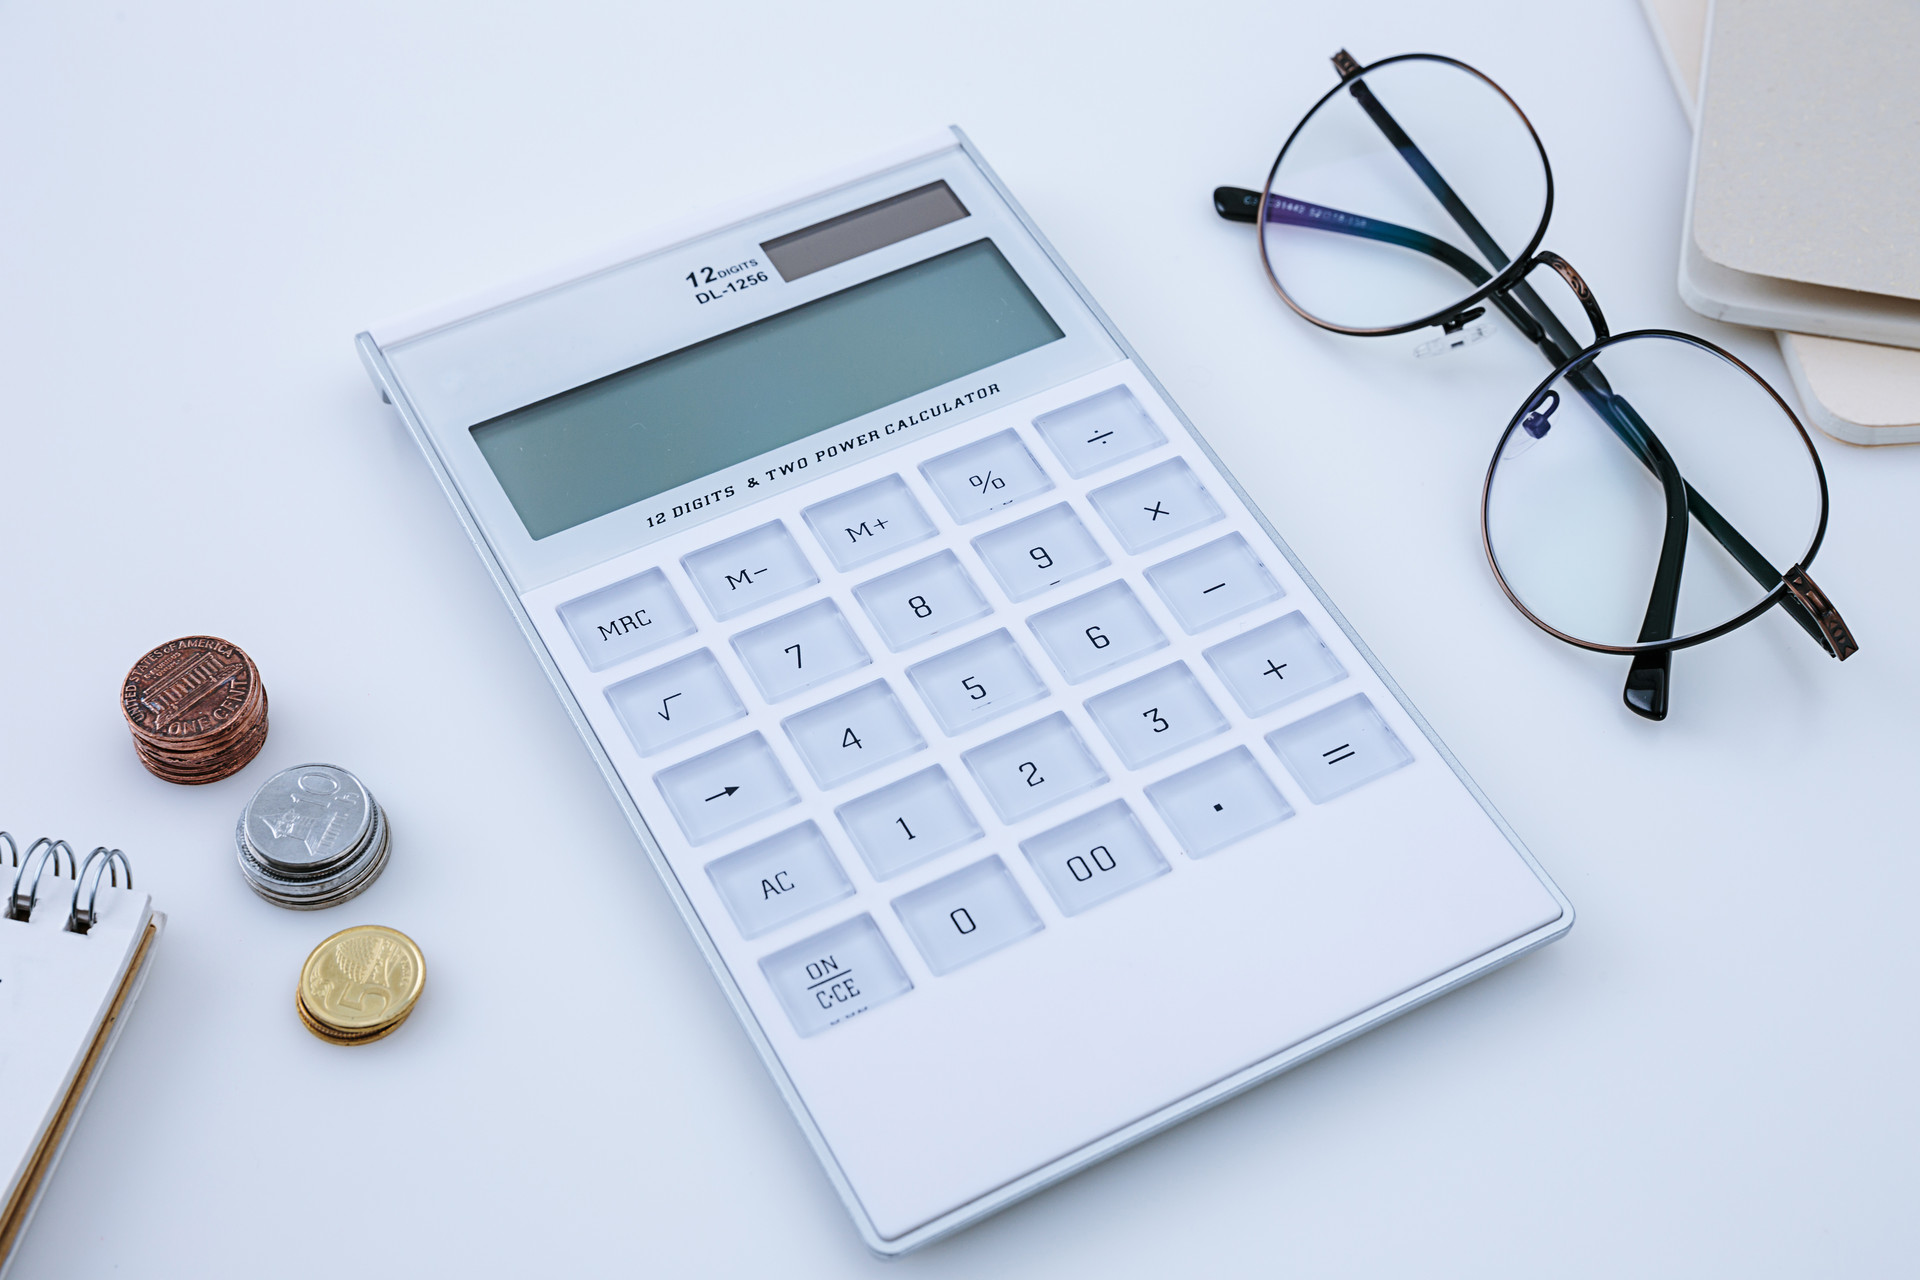 微信工资条软件可信吗?哪个比较好用?